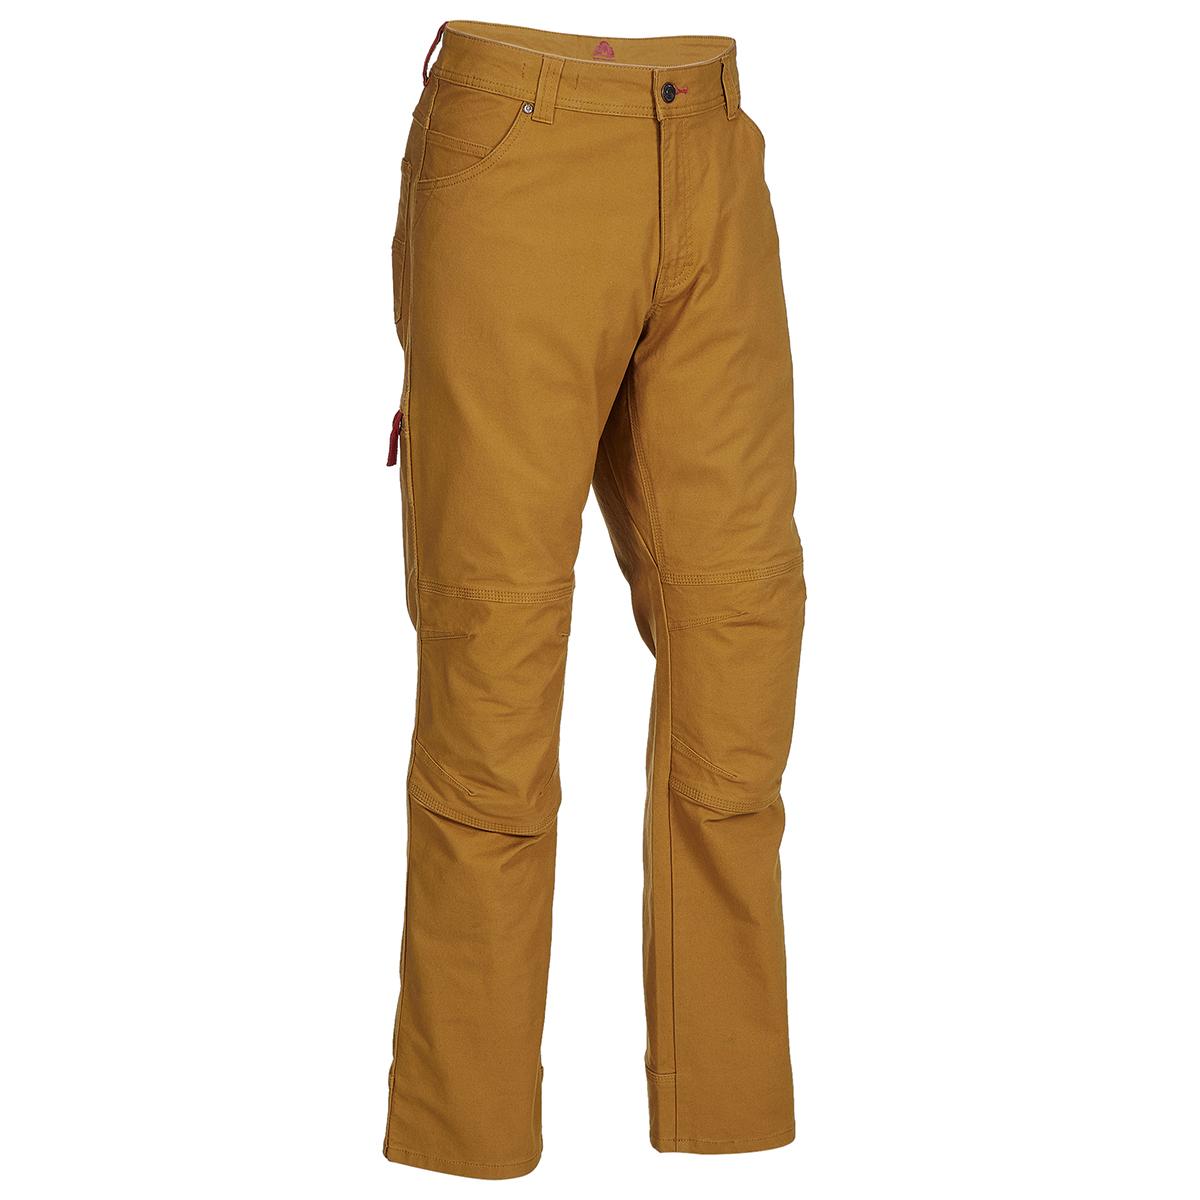 Ems Men's Fencemender Rebar Pant - Yellow, 34/32